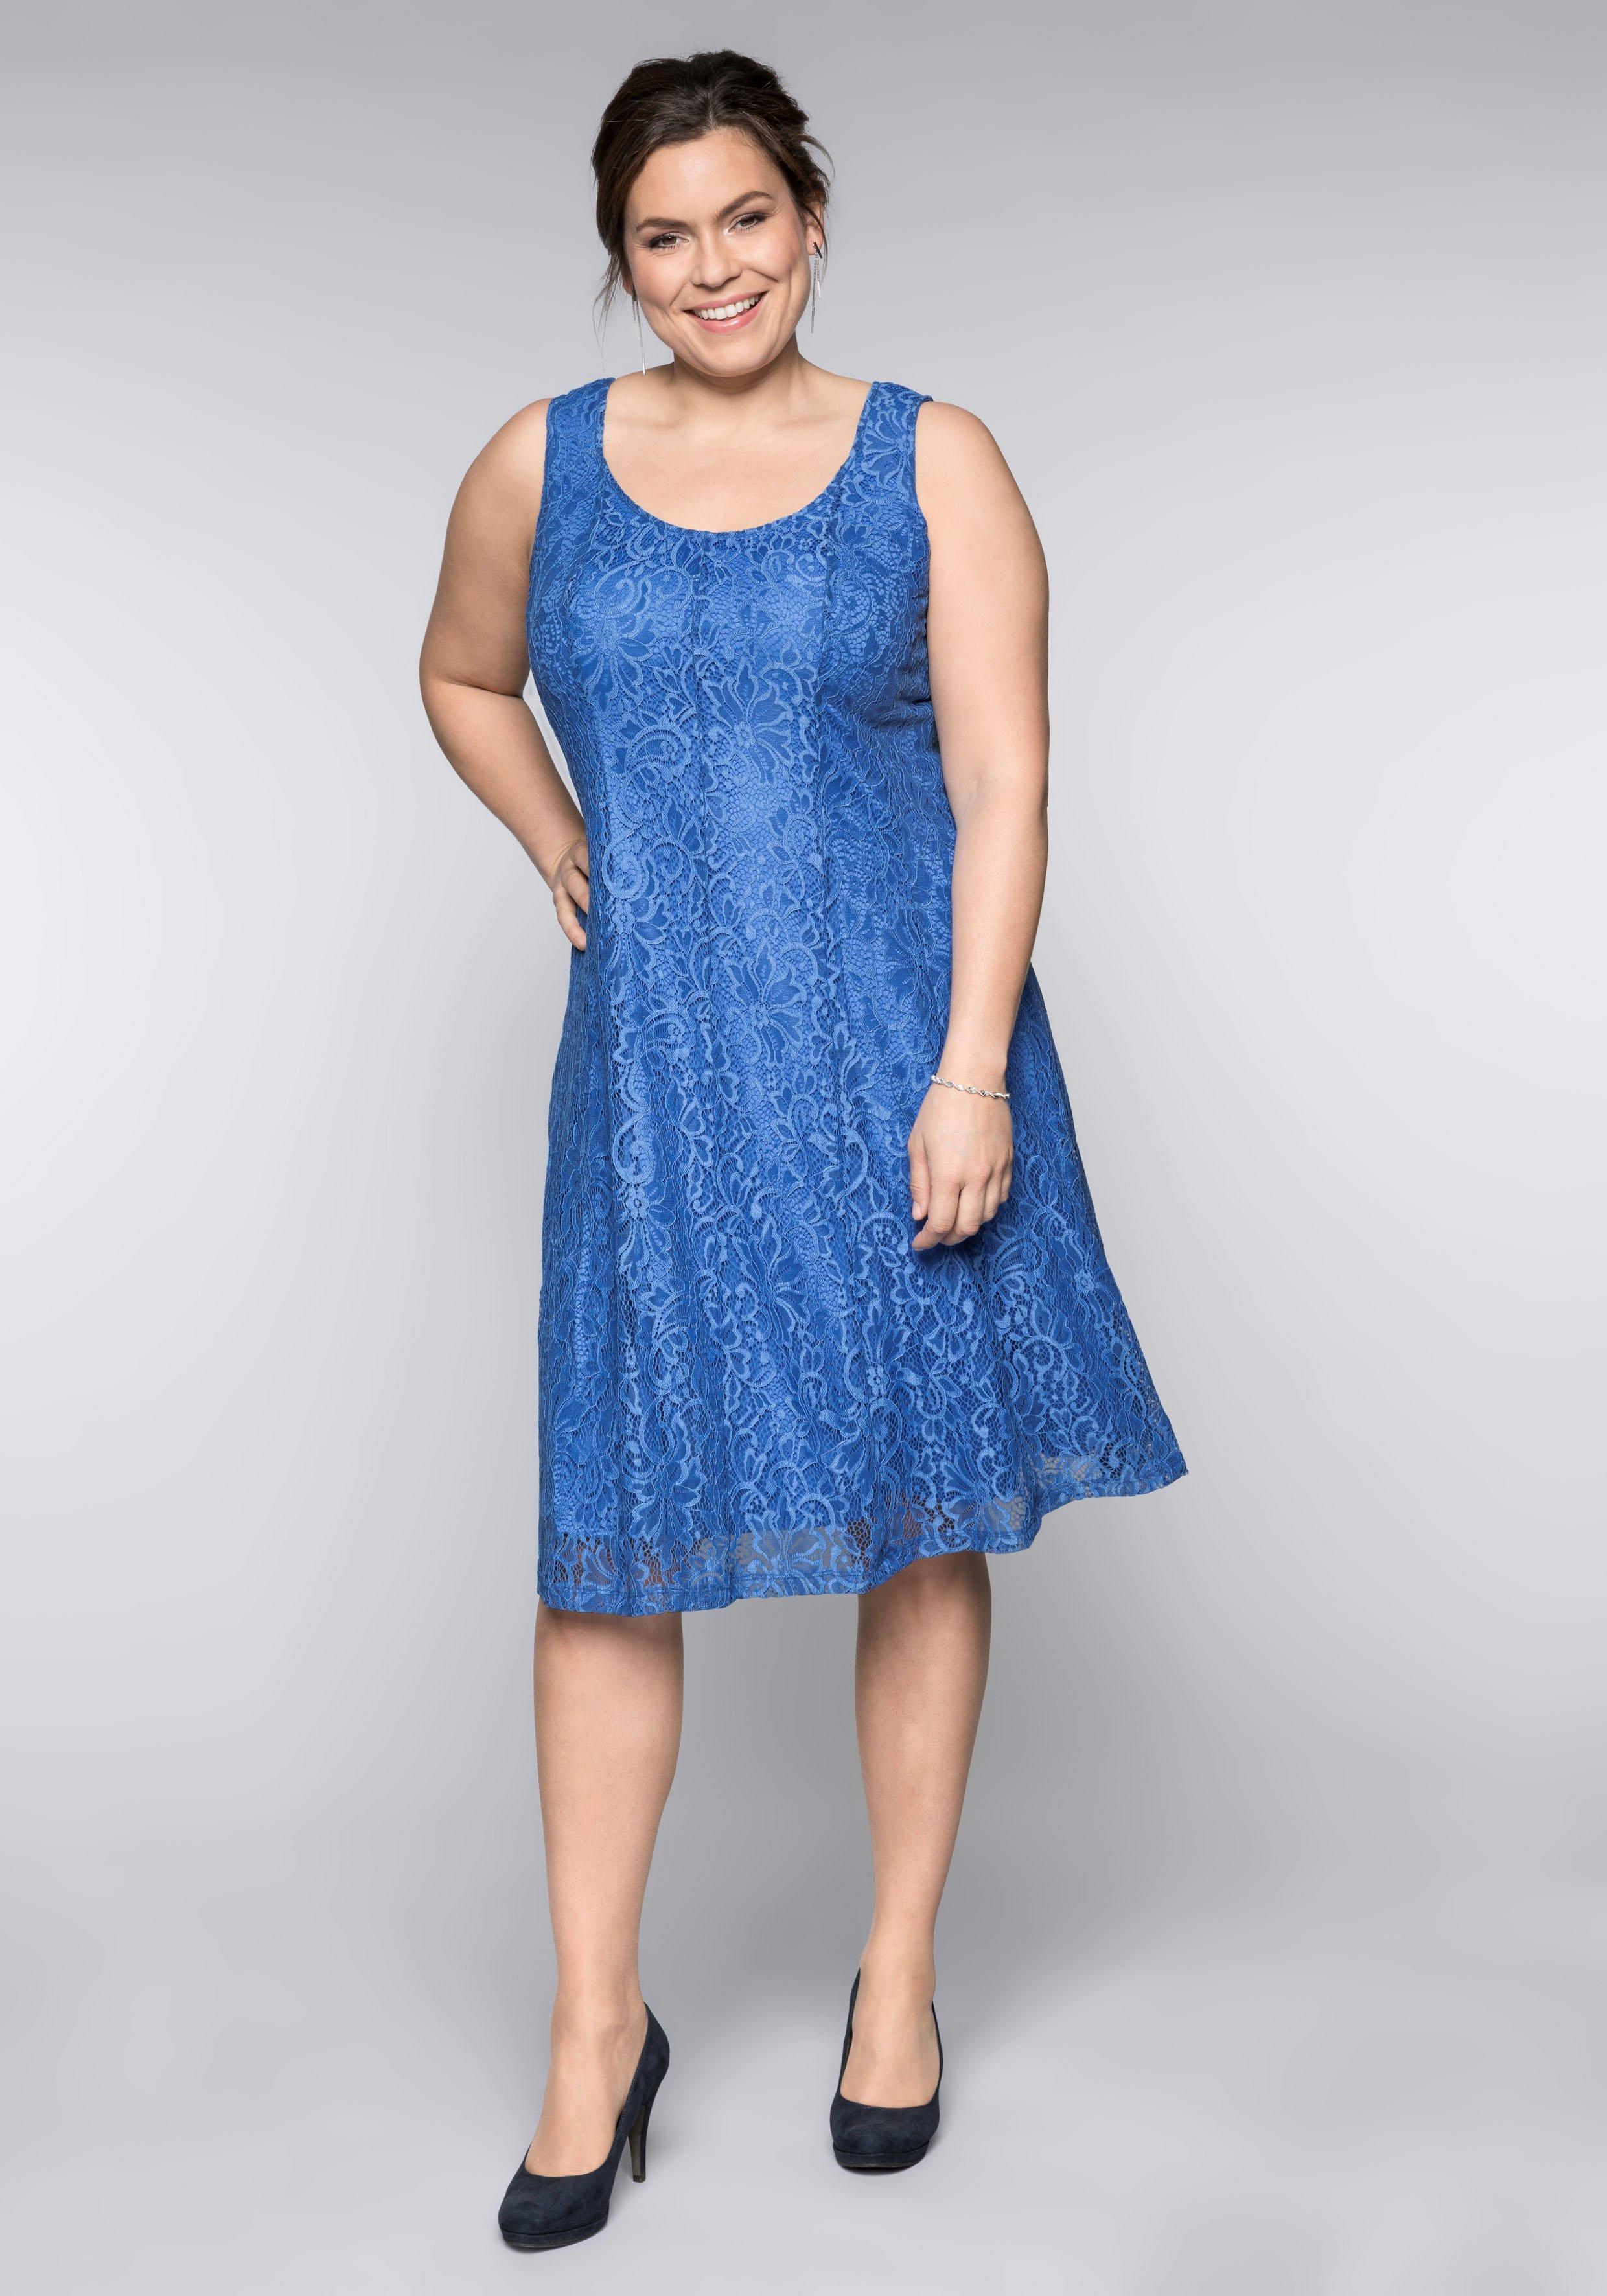 Große Größen: Kleid mit Spitze, azurblau, ...